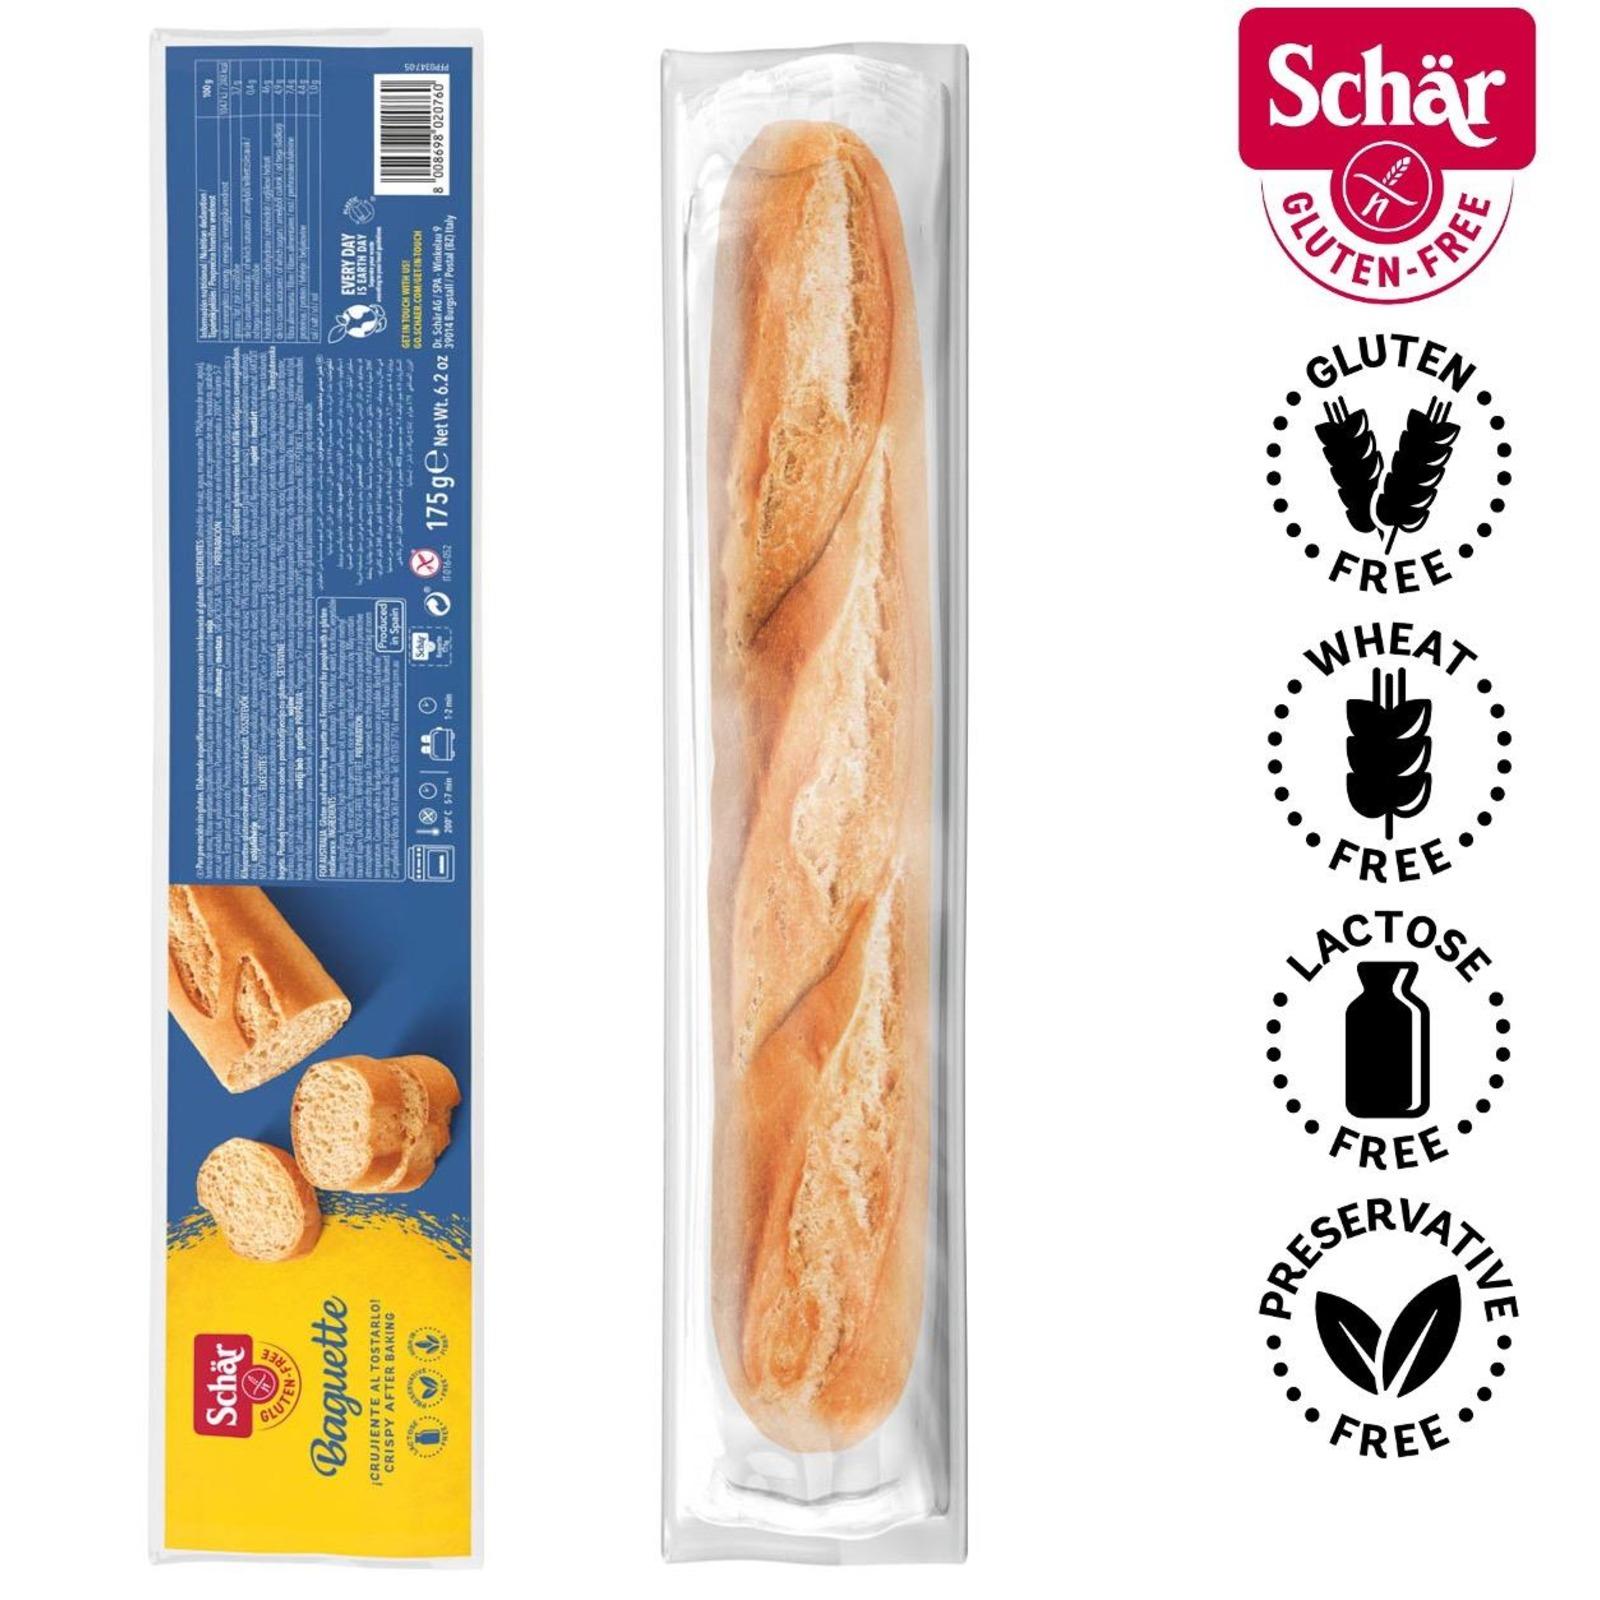 Dr. Schar Baguette - Gluten Free